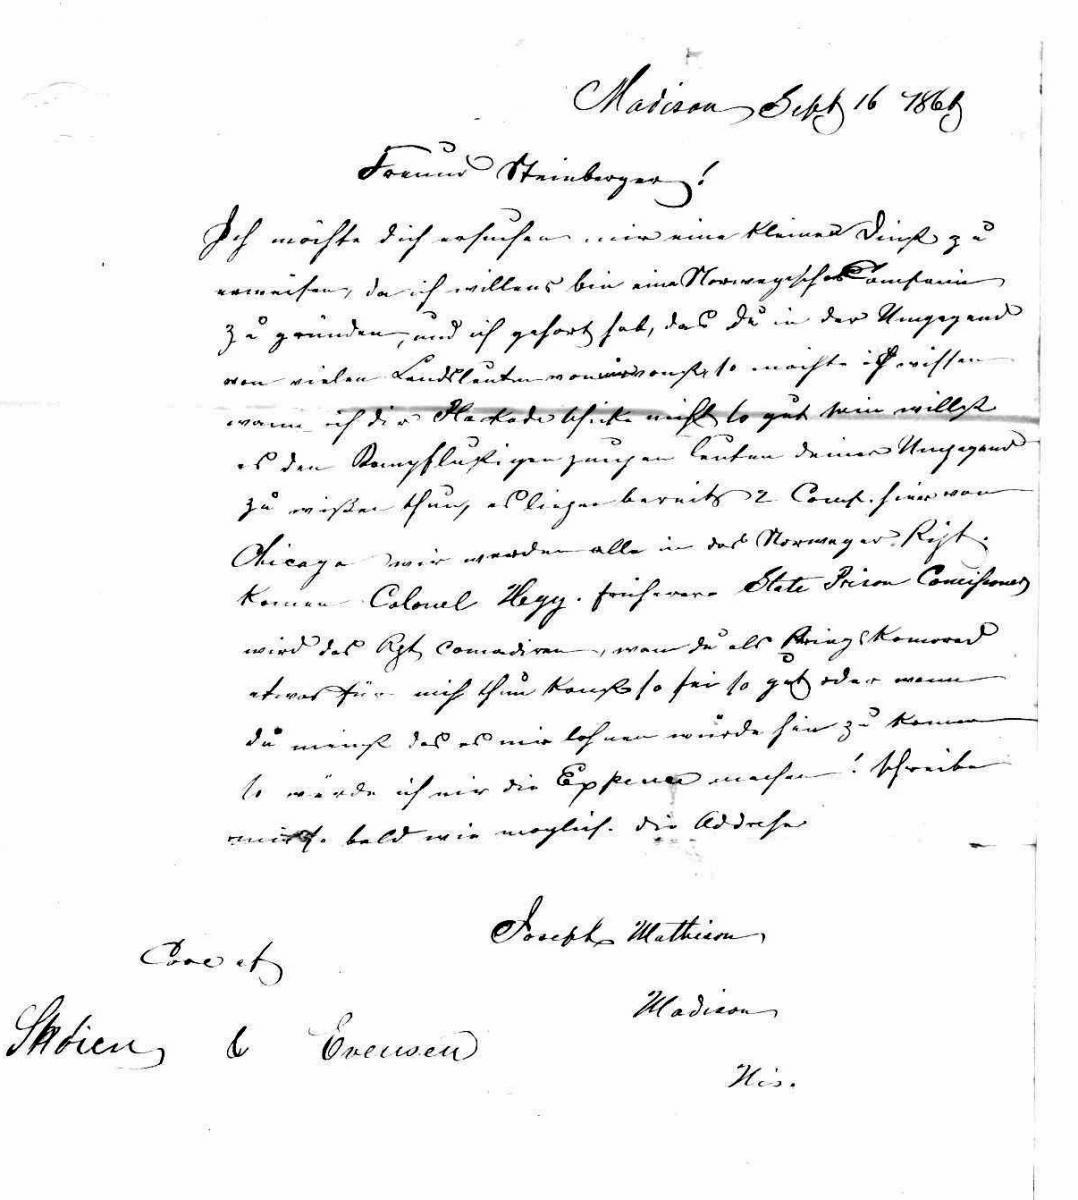 letter Mathison-Sternberger 1861